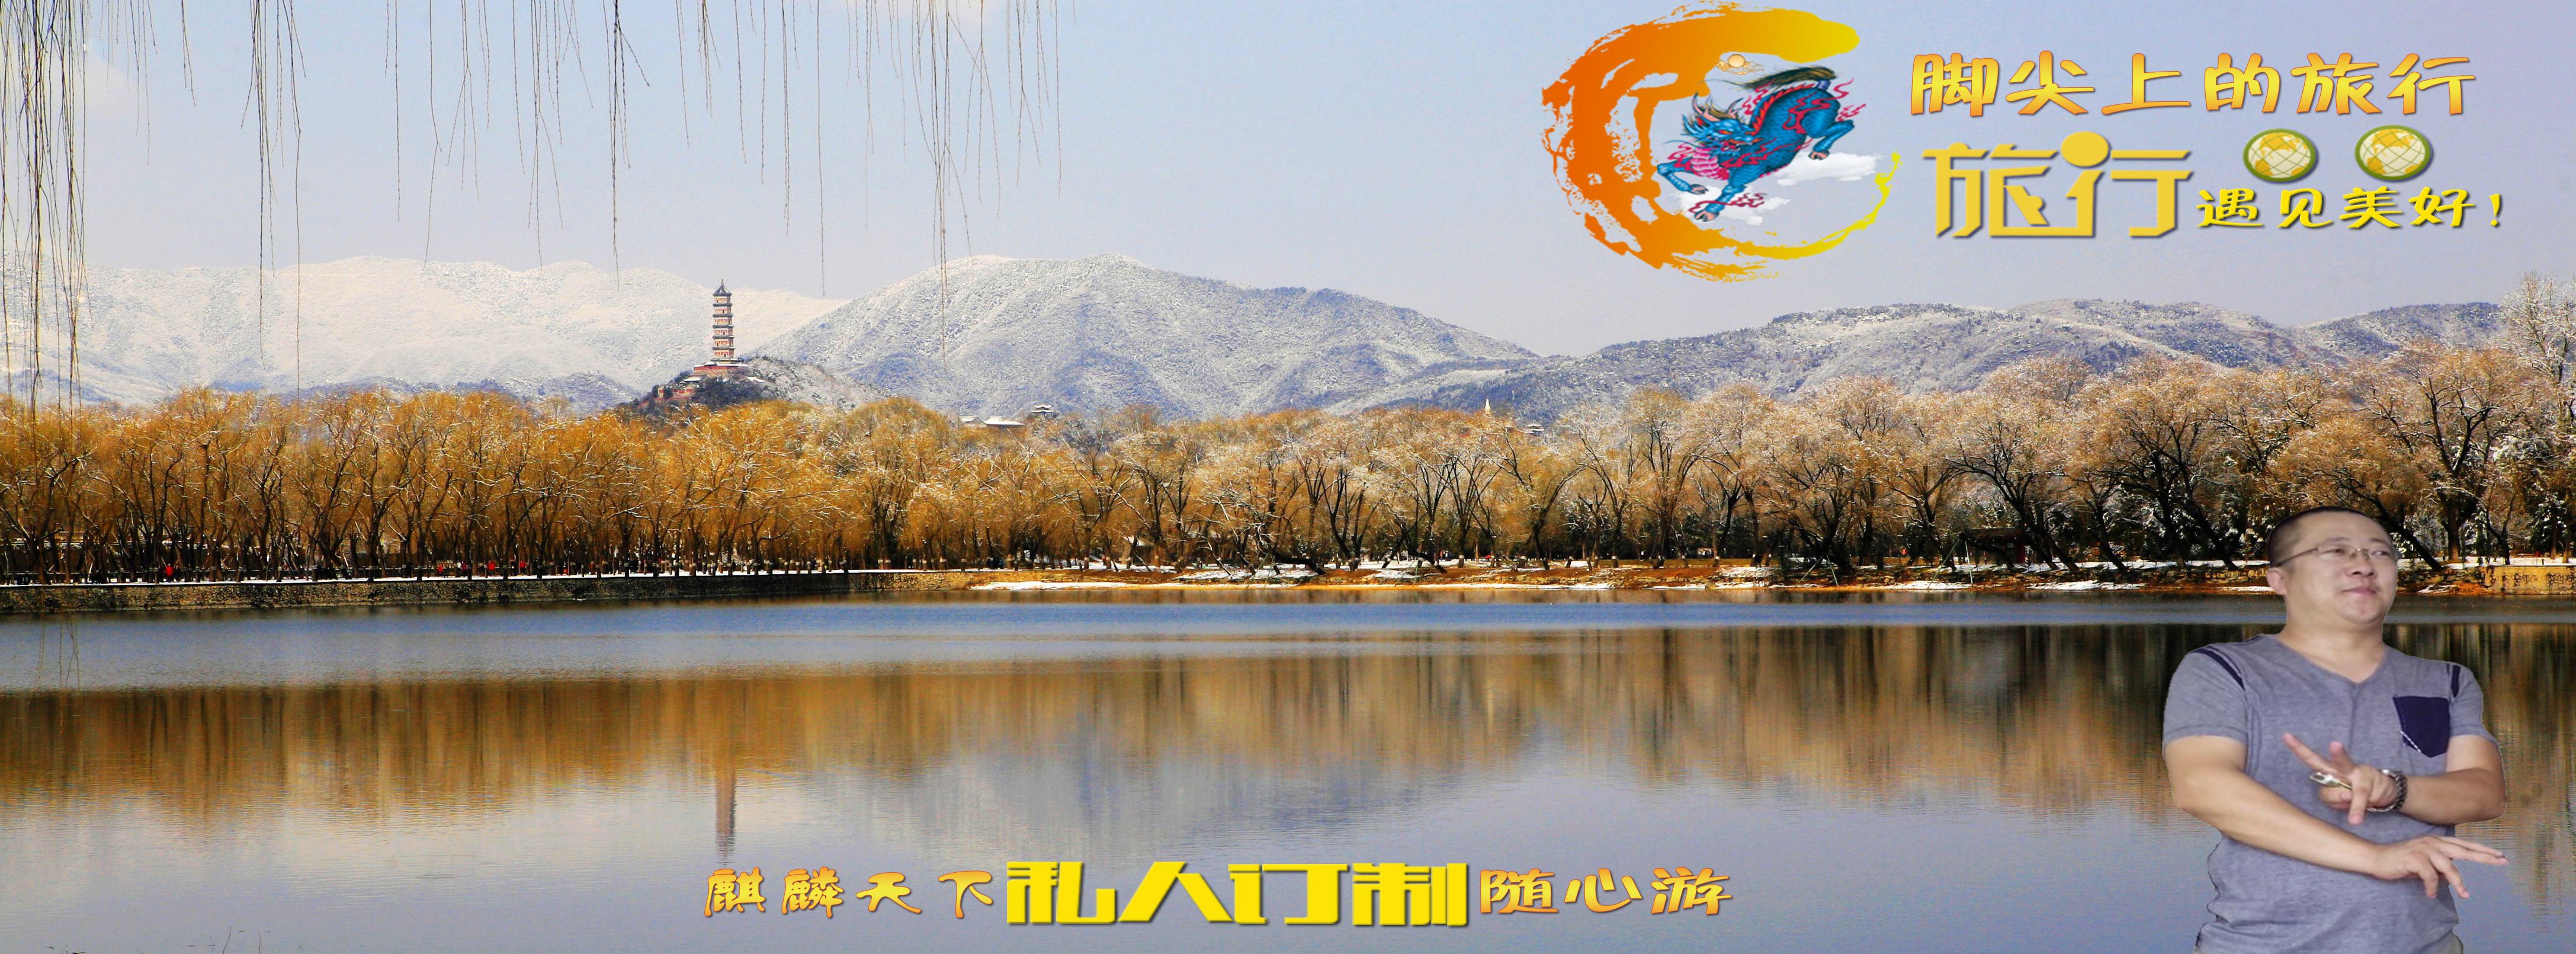 北京故宫博物院 颐和园 天坛 前门大街文化旅游包车一日游